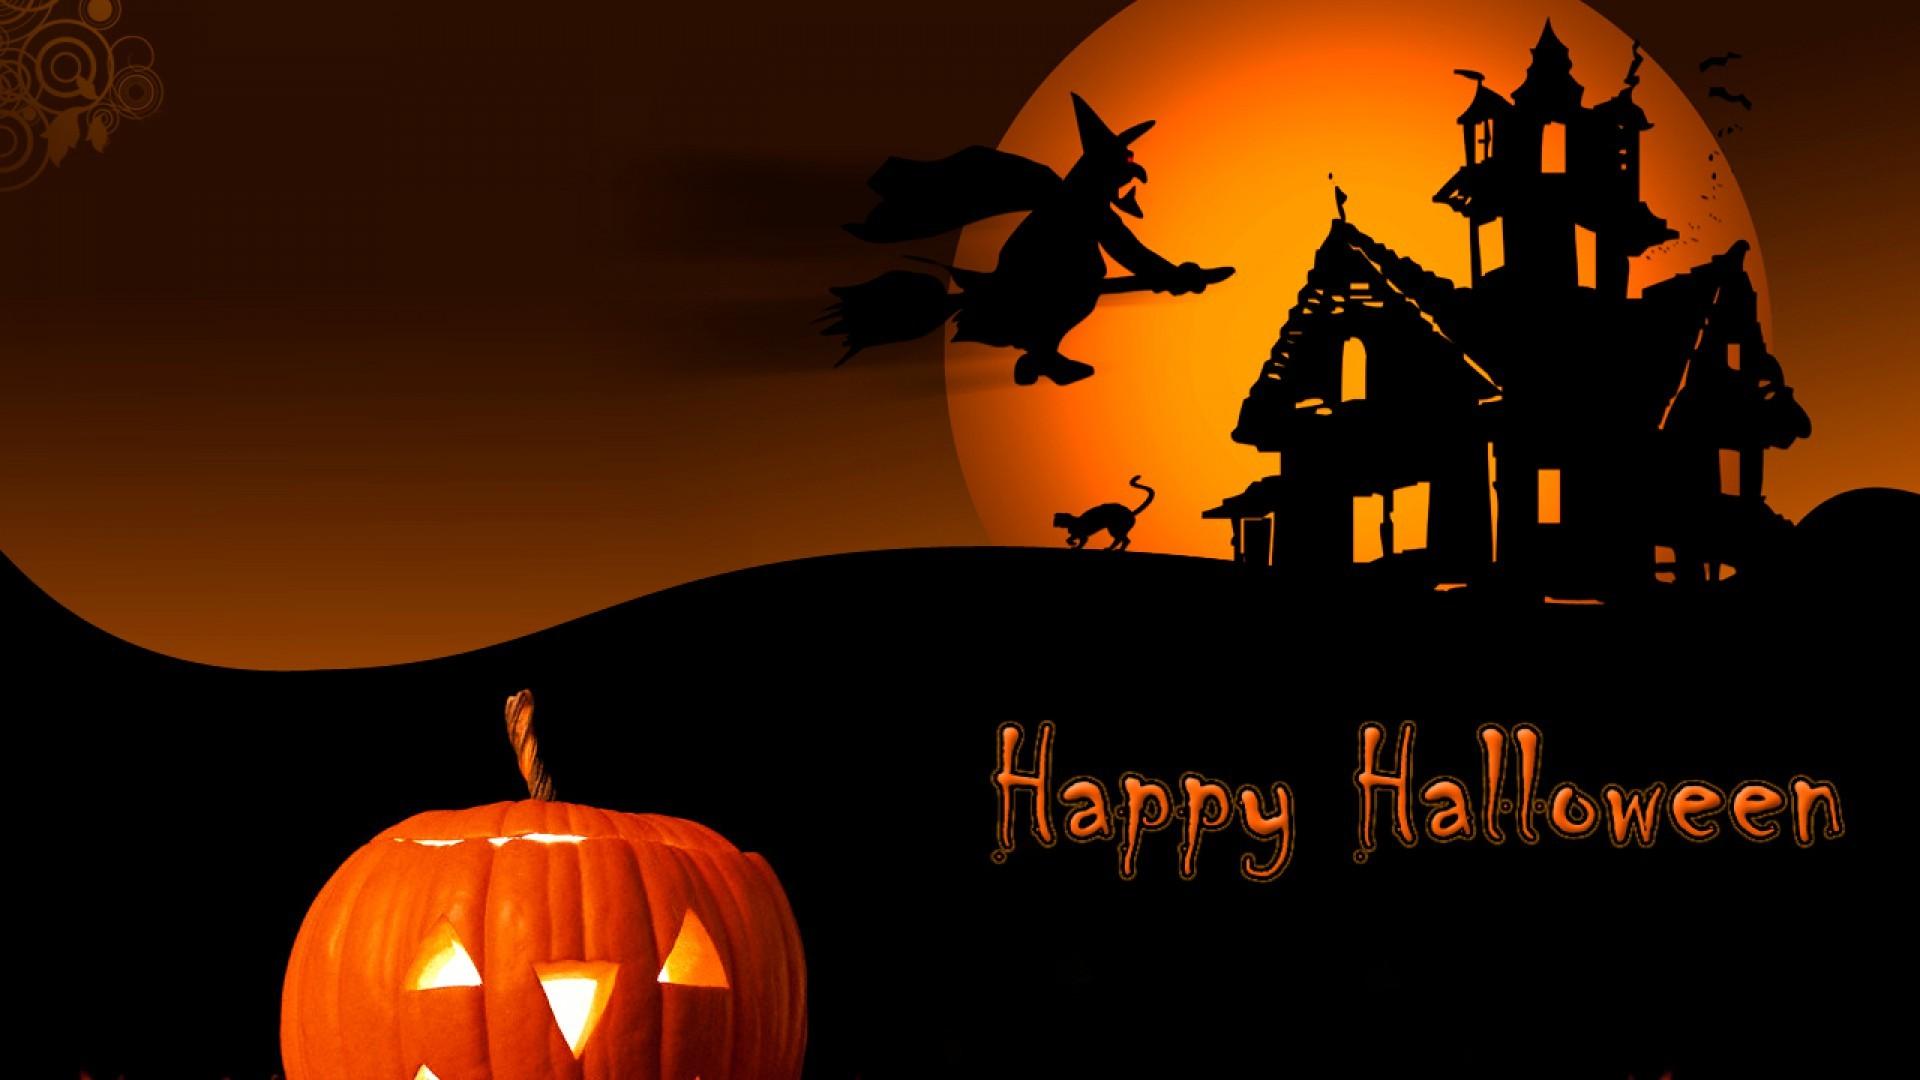 Halloween Desktop Wallpaper 1920x1080 84 Images